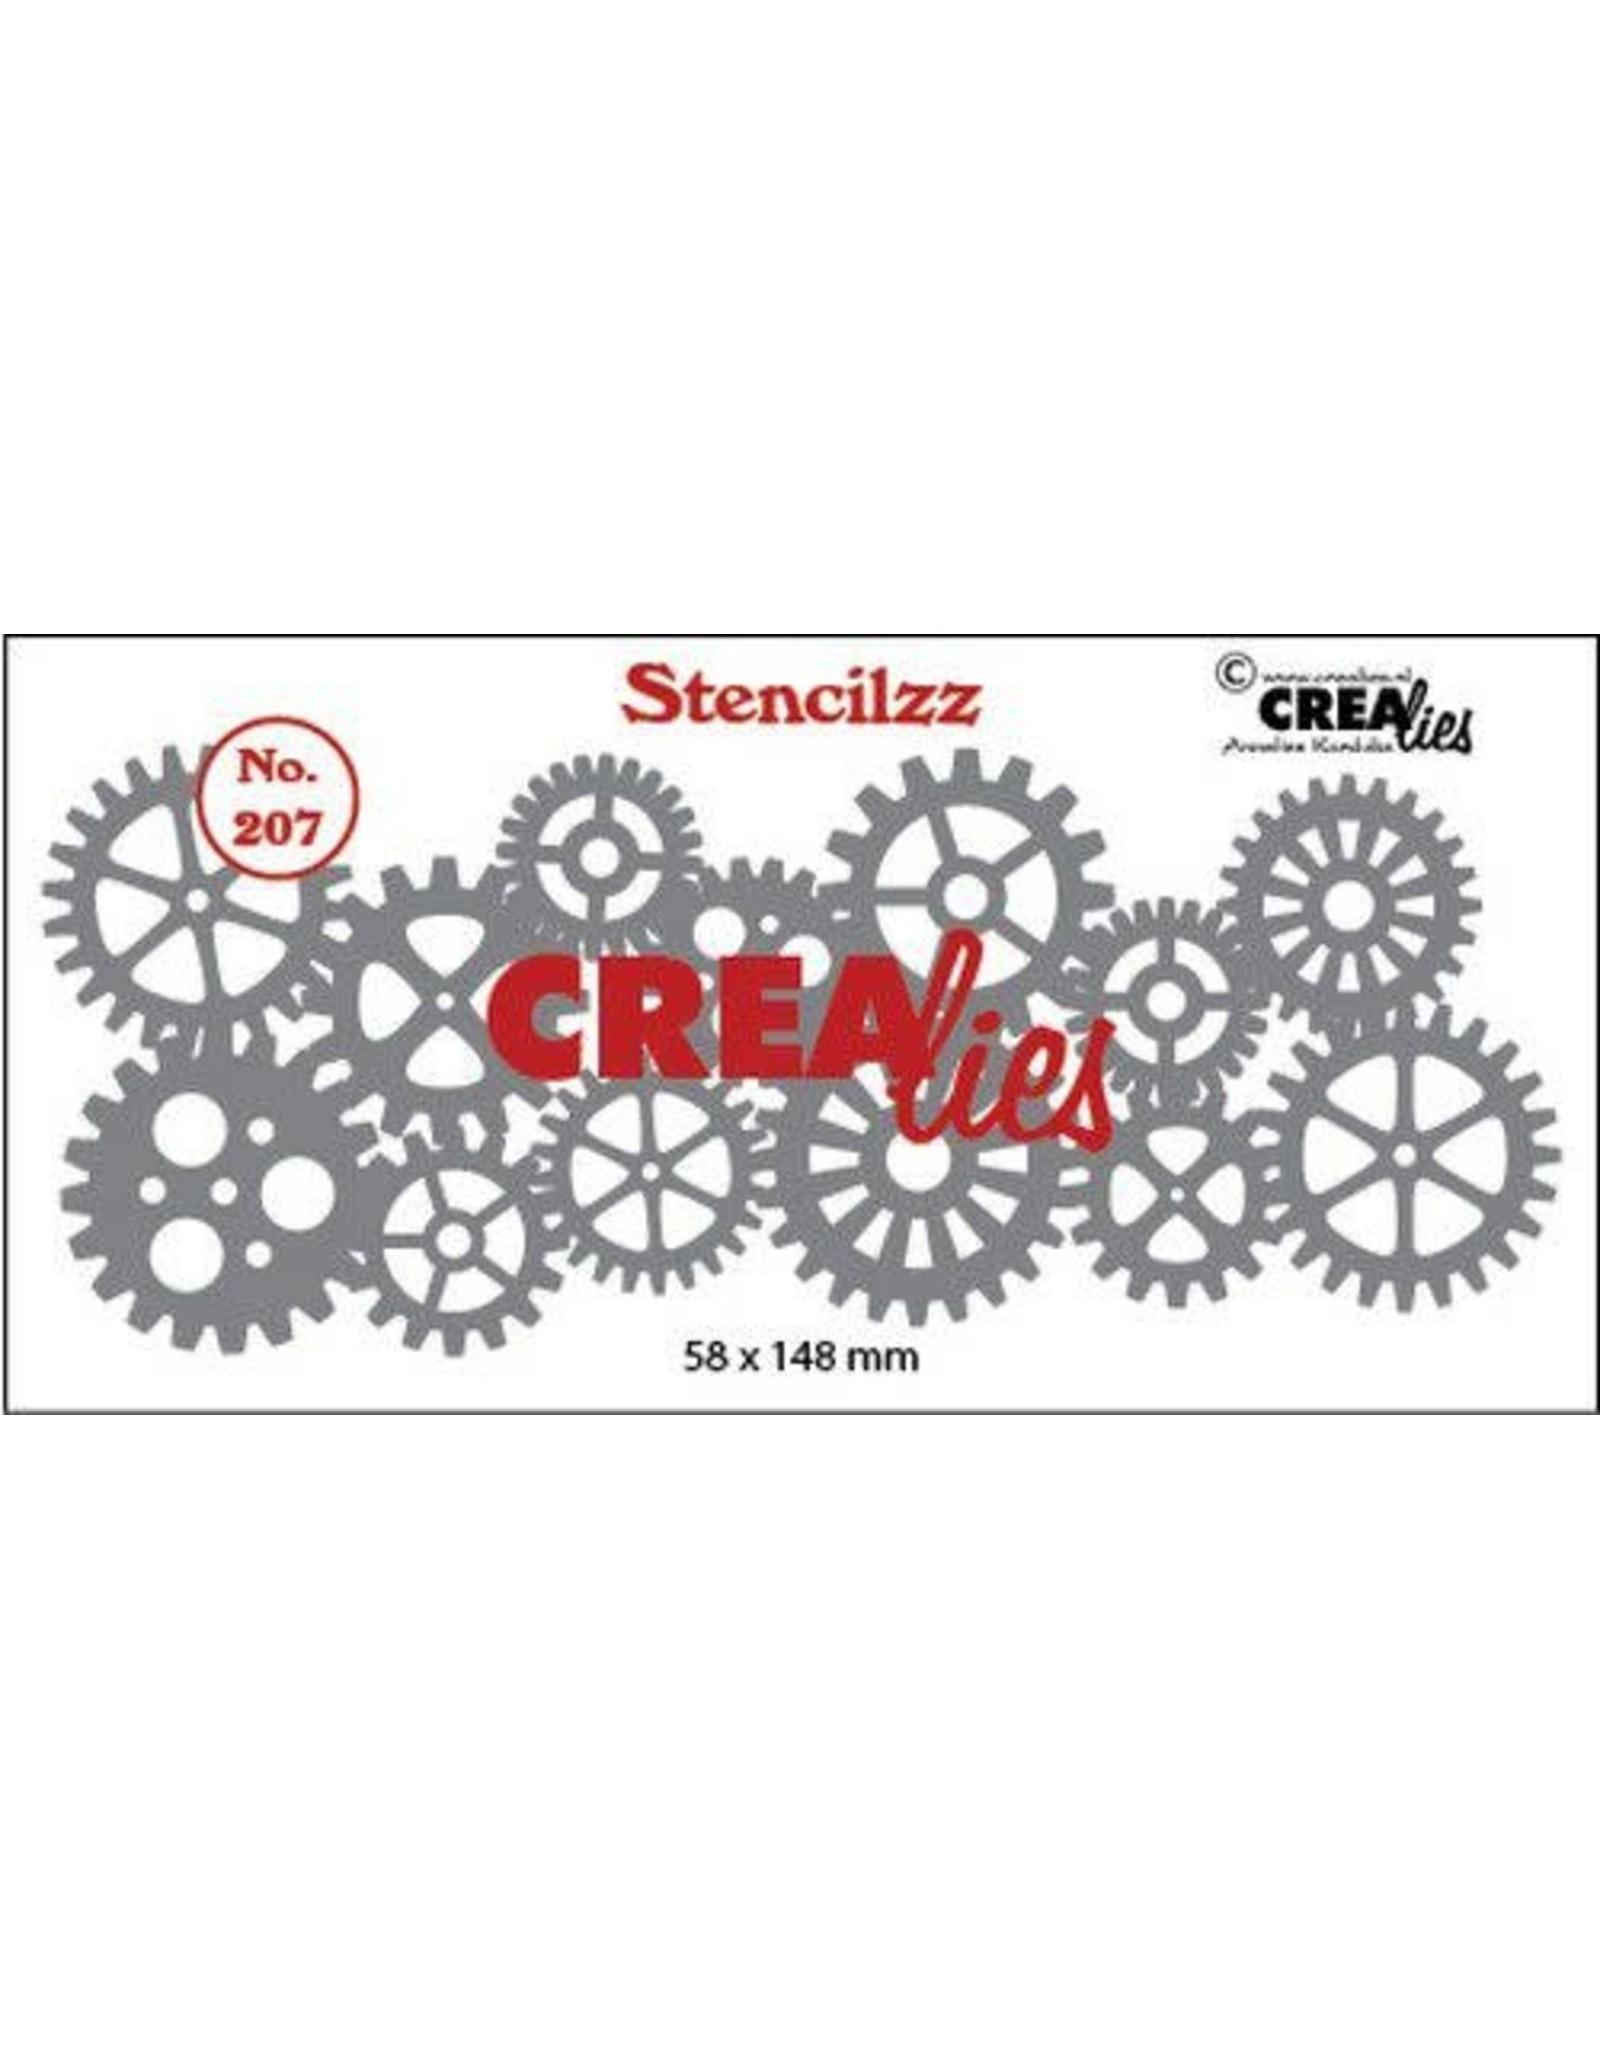 Crealies Crealies Stencilzz no. 207 tandwielen CLST207 58 x 148mm